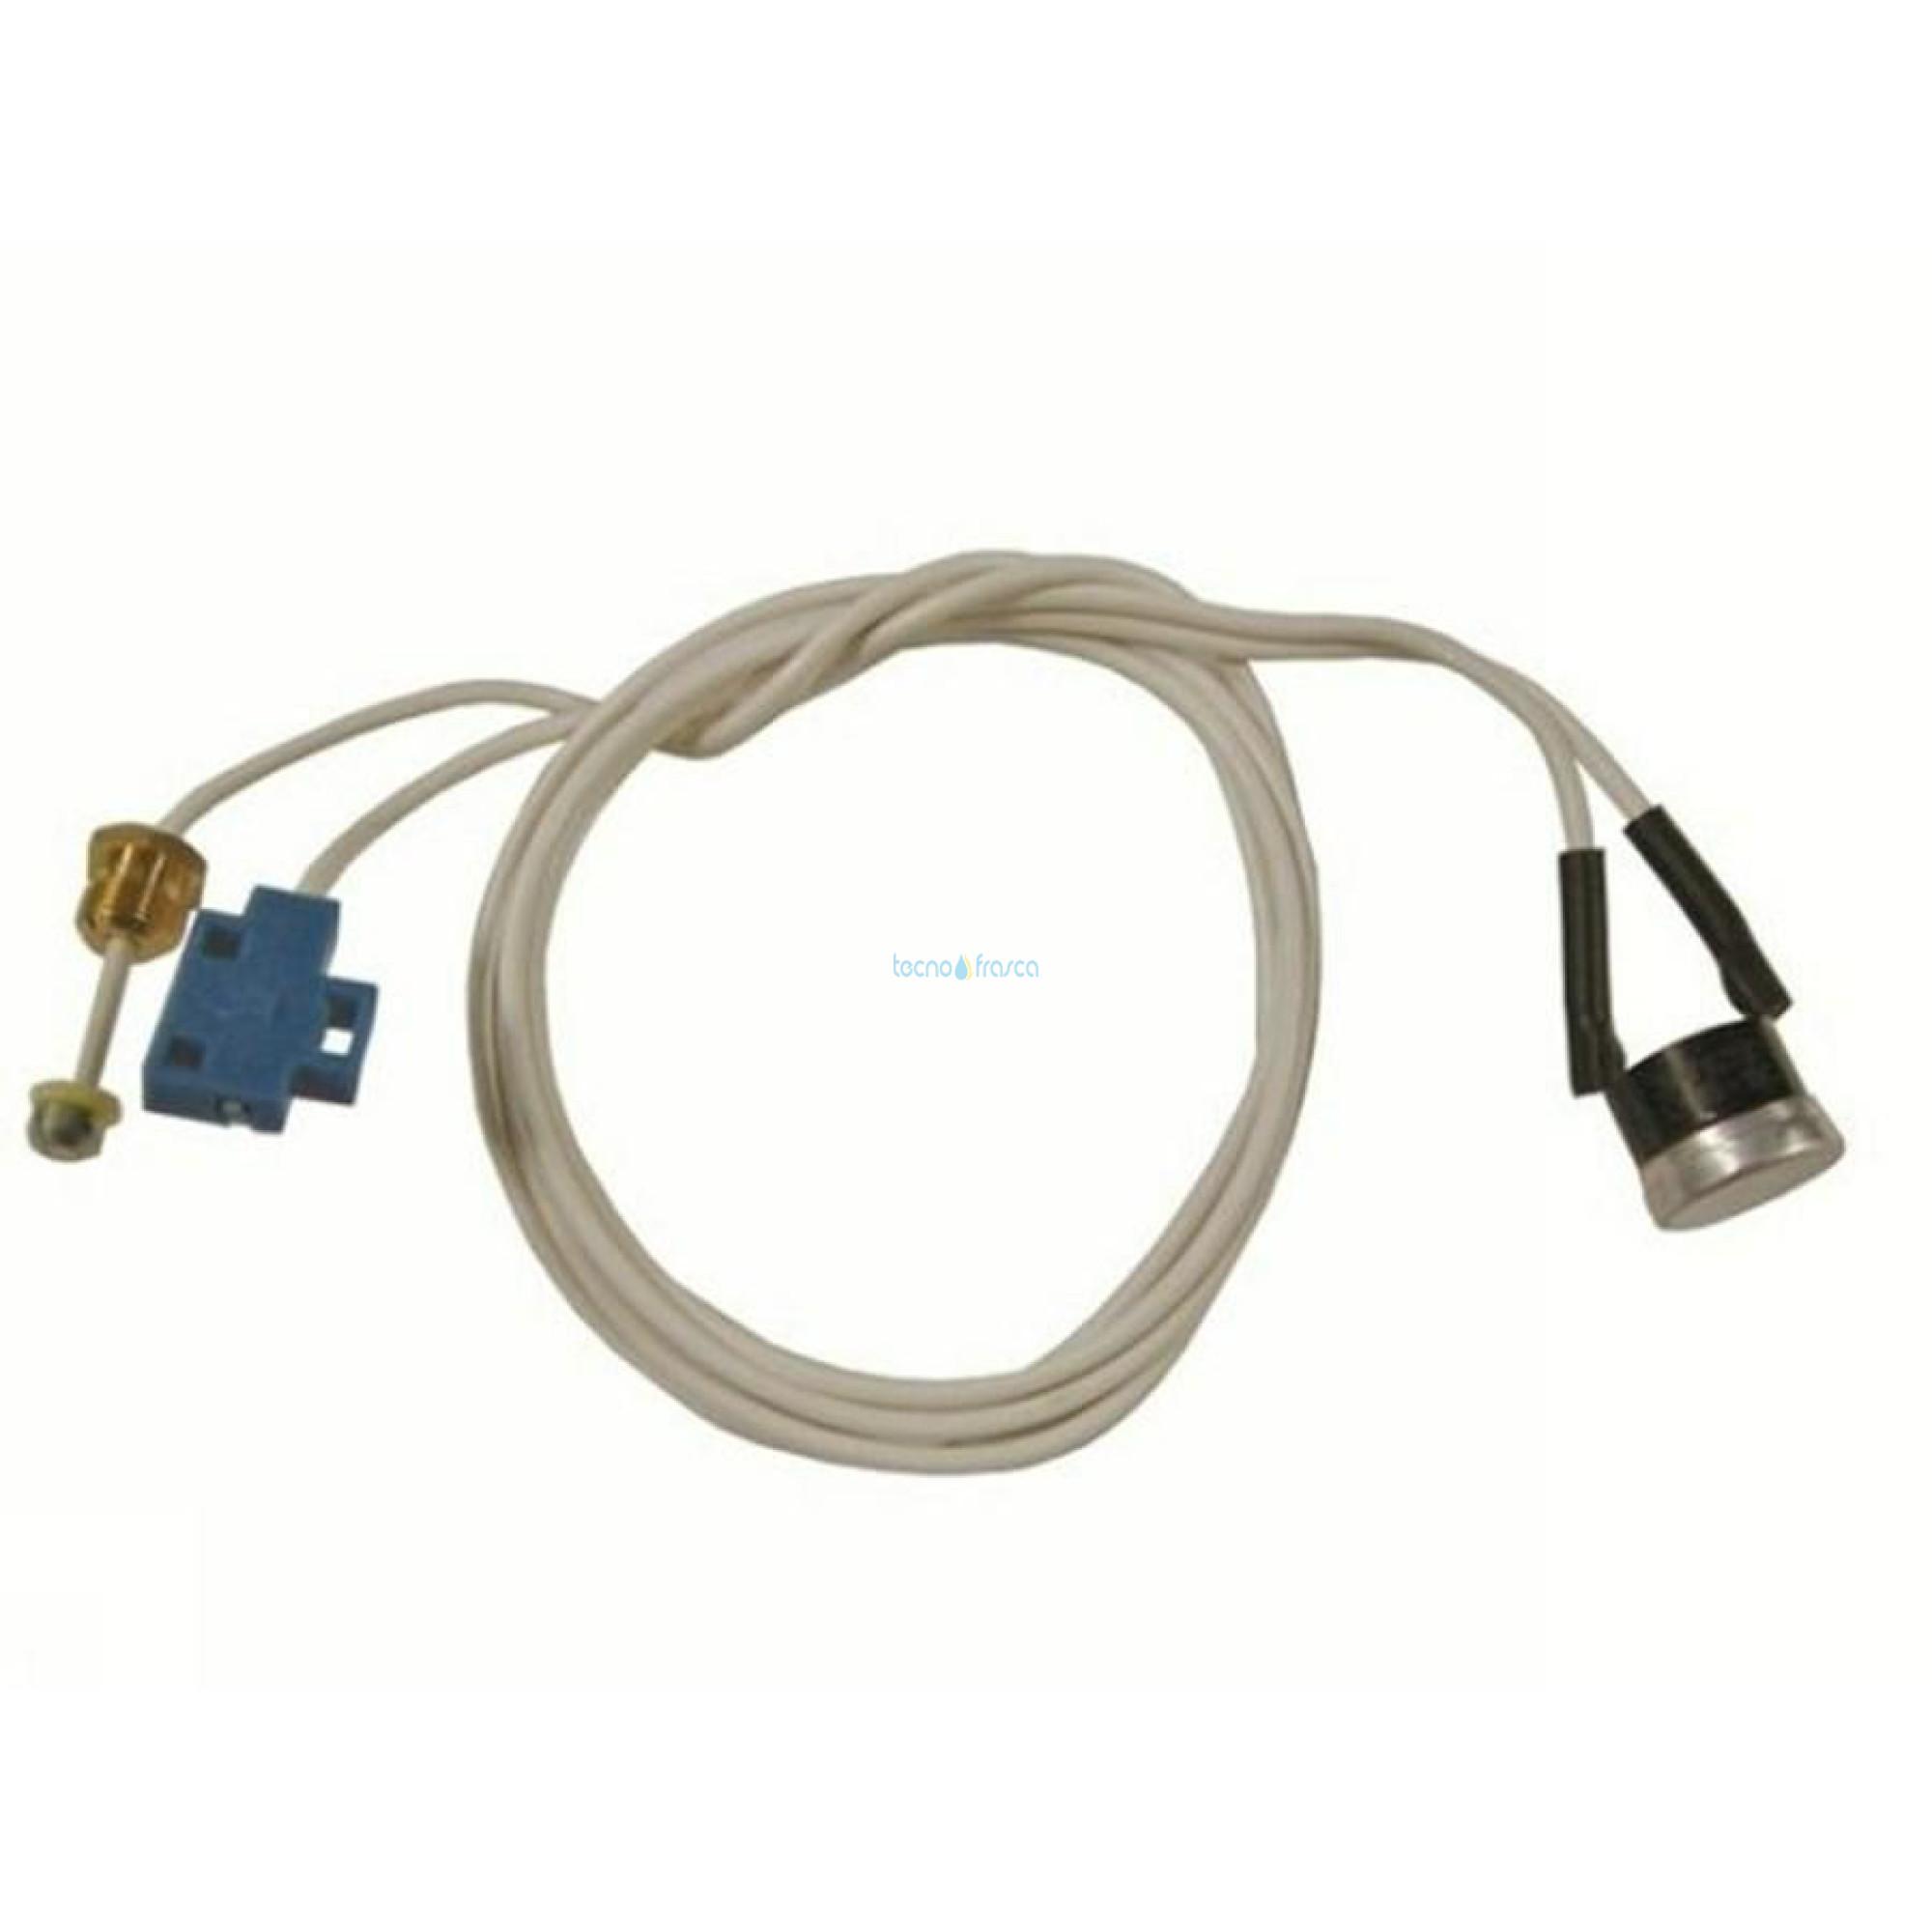 Beretta termostato limite 105?c microcablato r5396